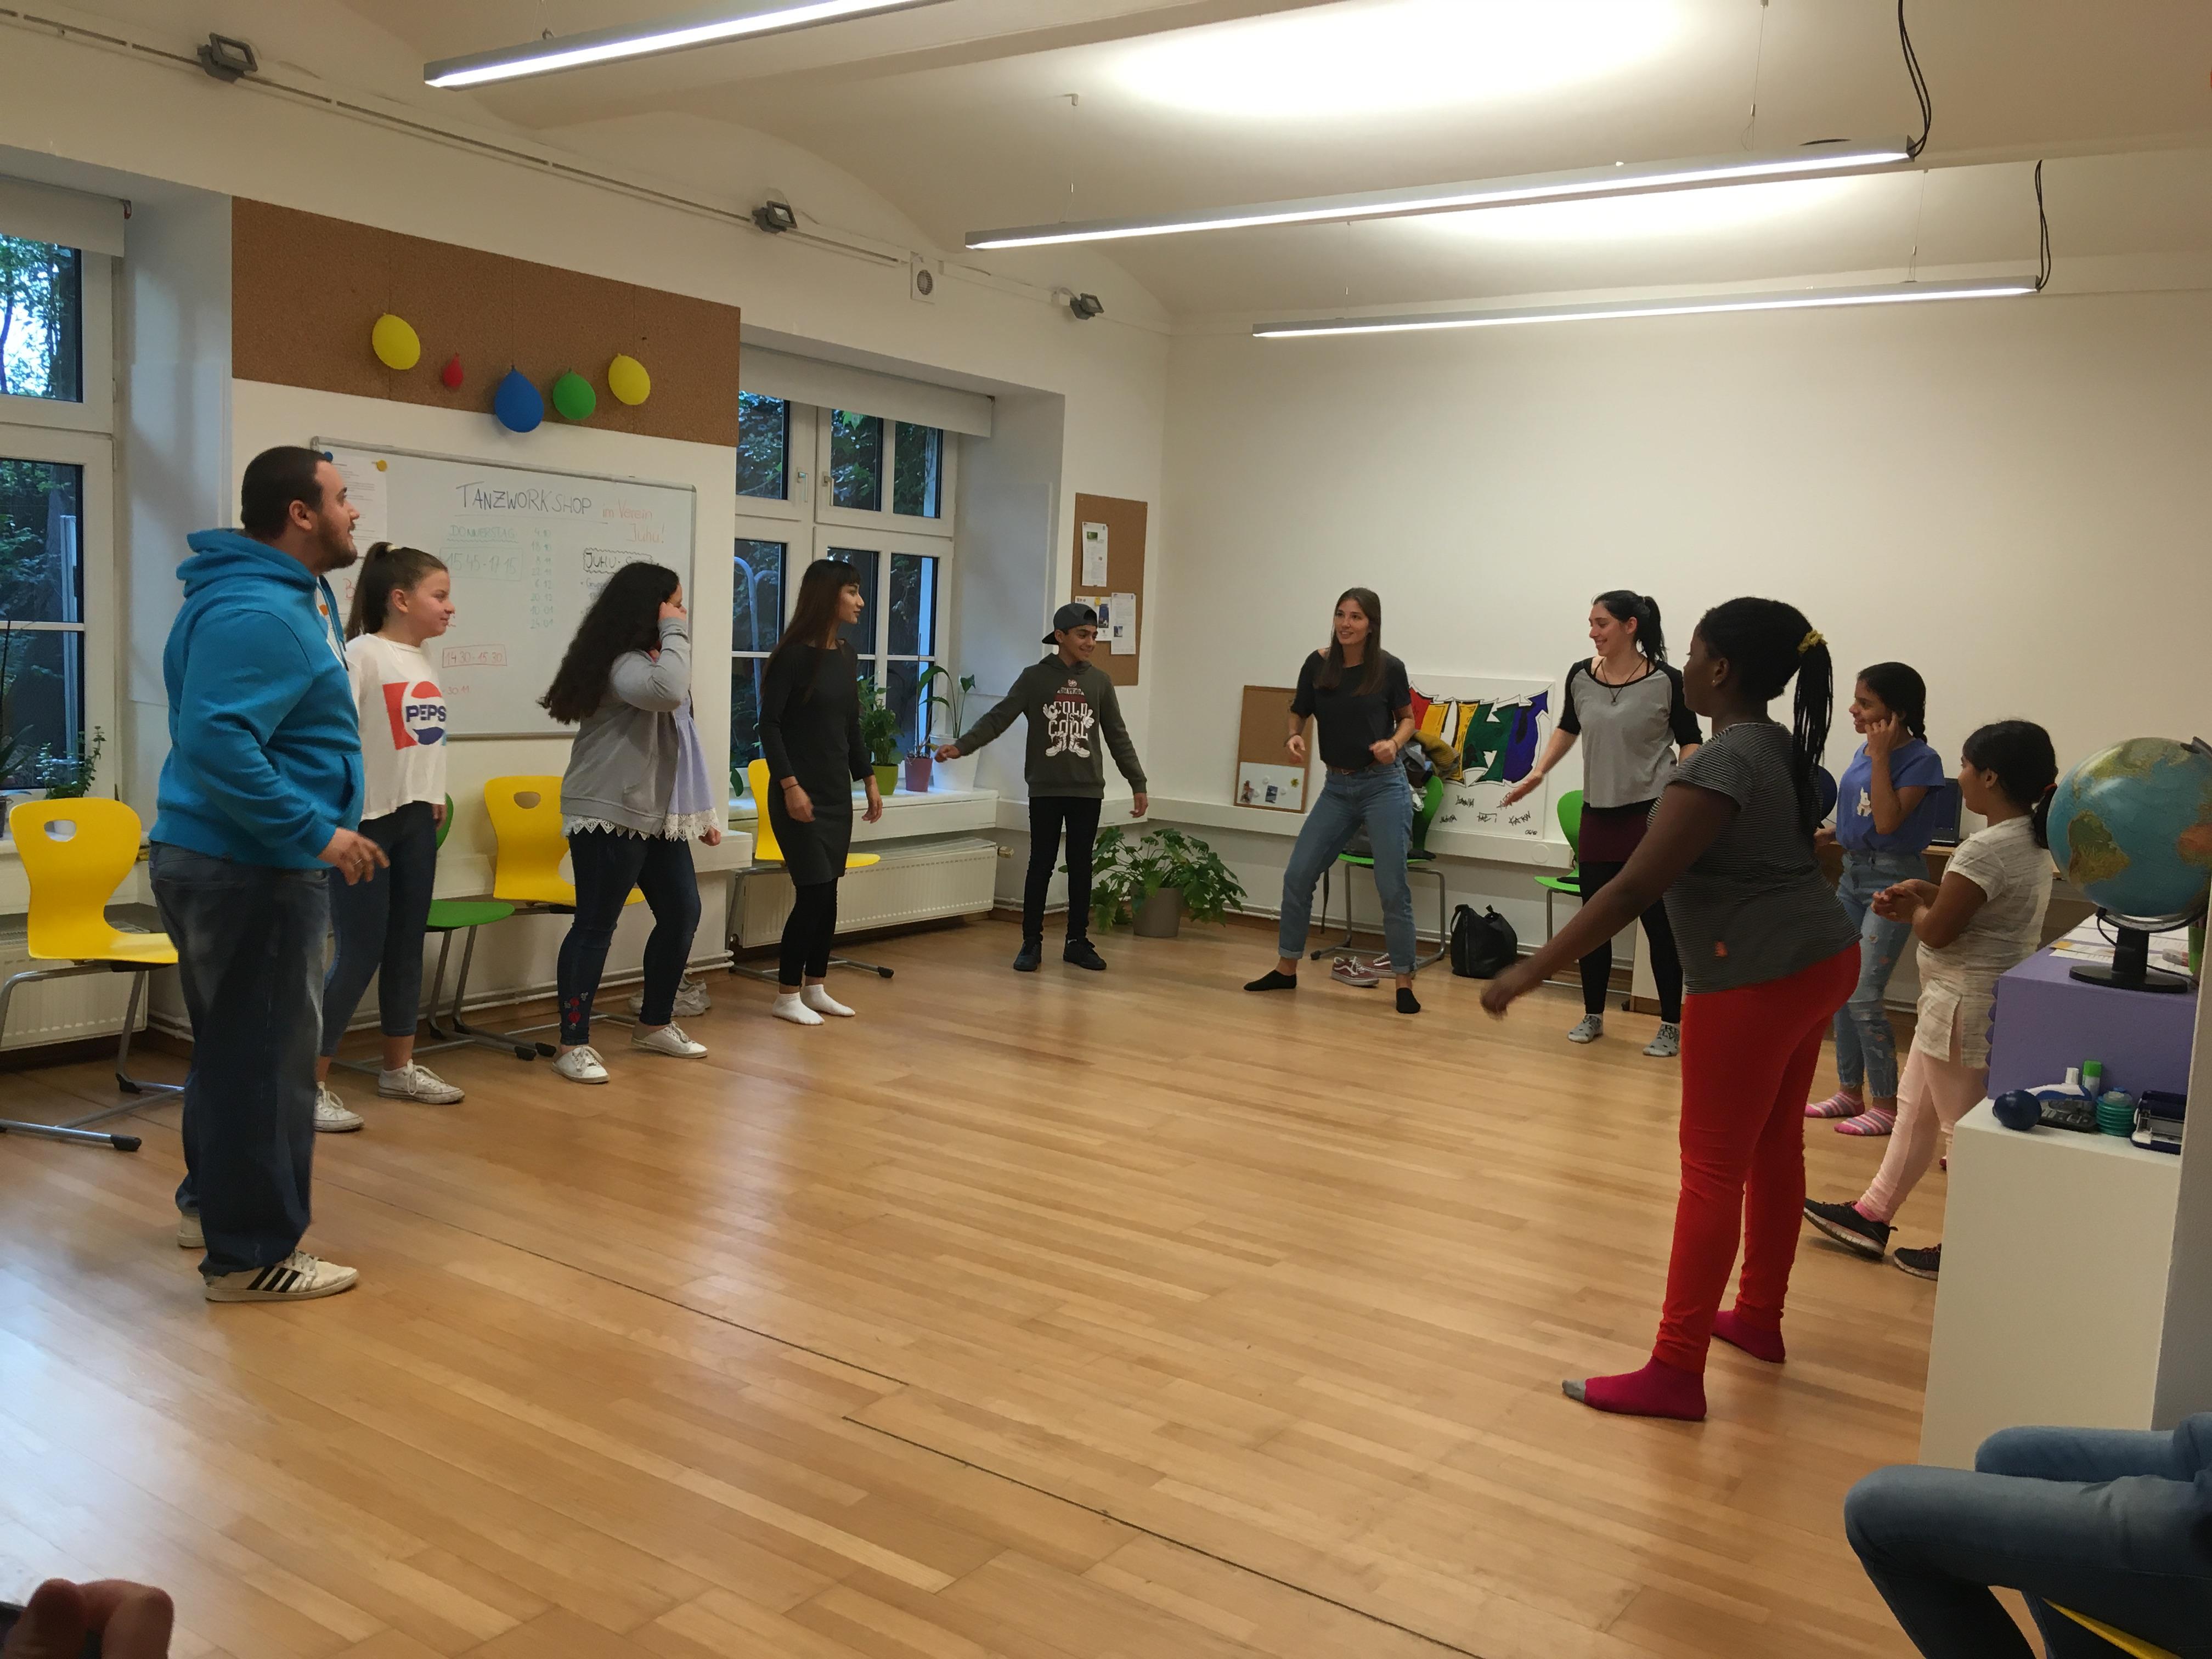 Vorstellung Tanz 2